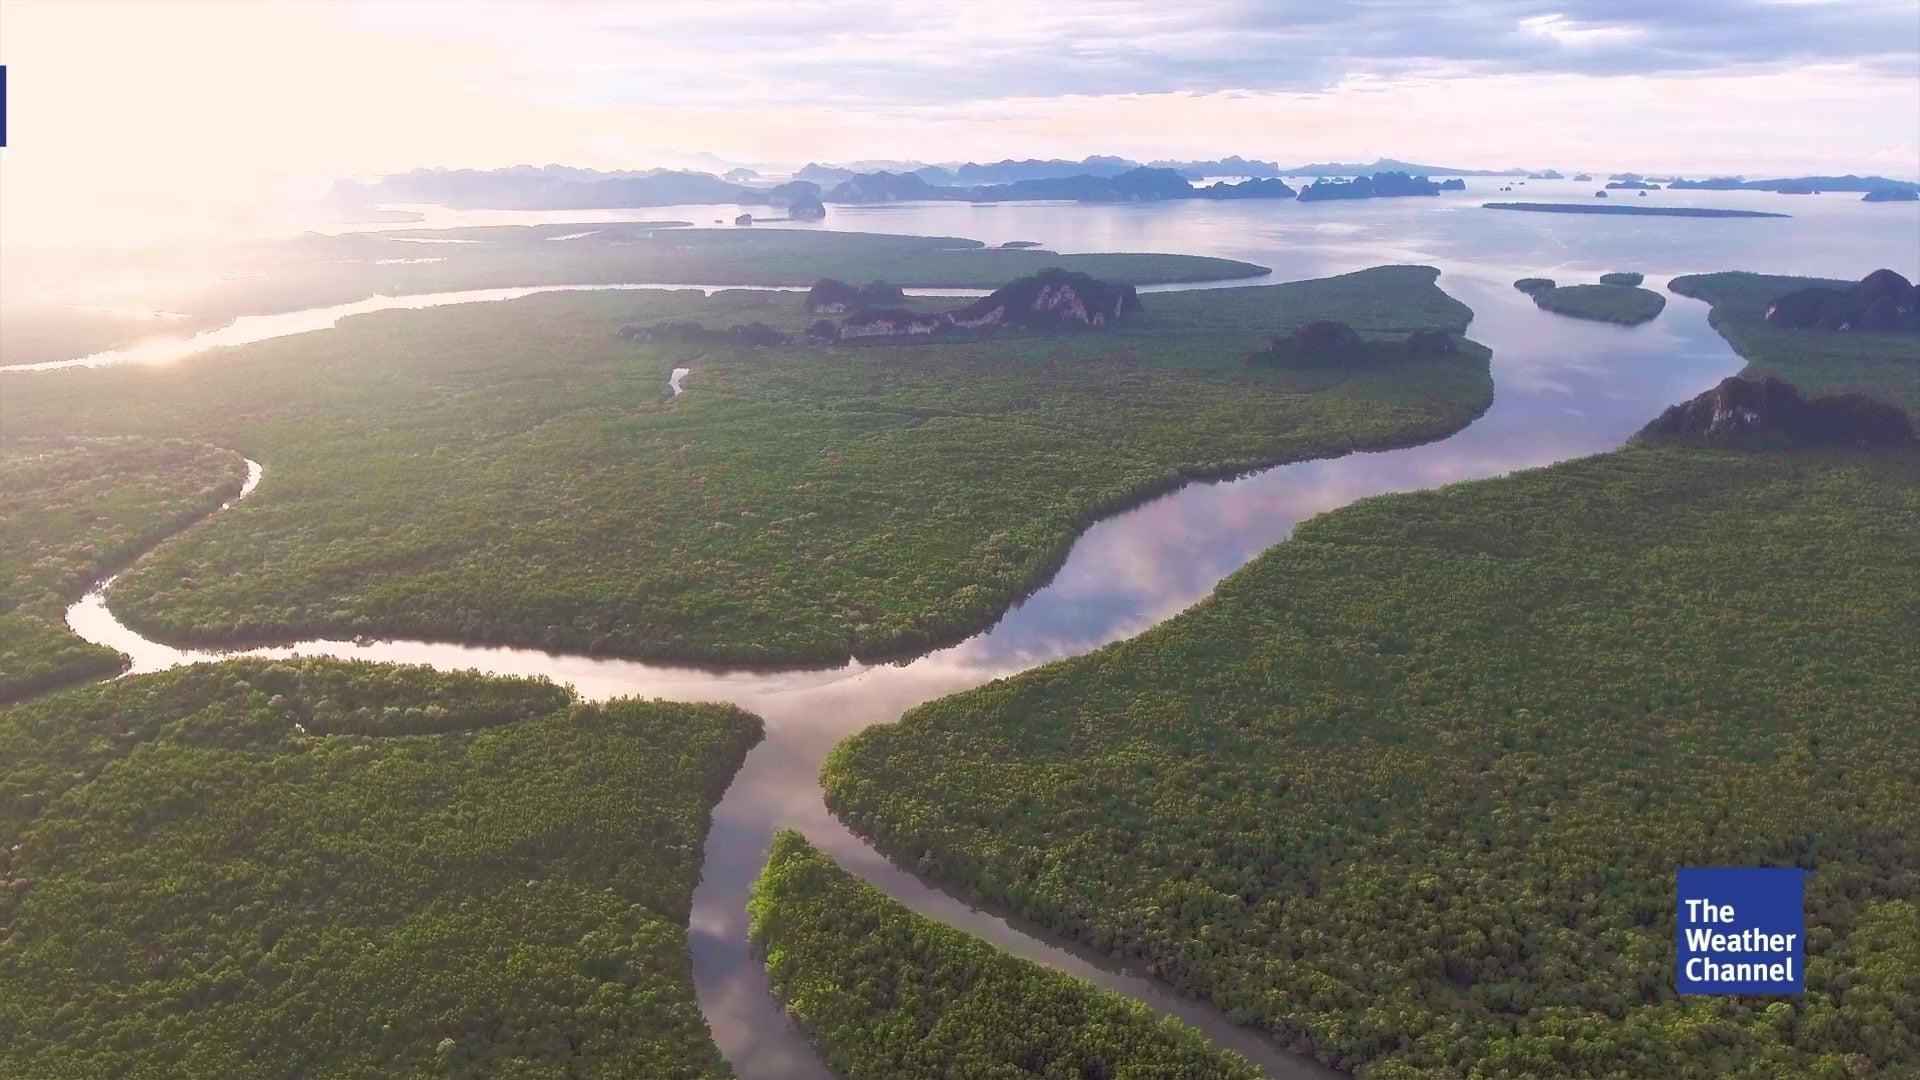 Durch den menschlichen Eingriff von Dämmen und Stauseen gibt es kaum noch einen frei fließenden Fluss auf der Erde. Dies könnte neben der Tierwelt auch zu einem Problem für uns Menschen werden.